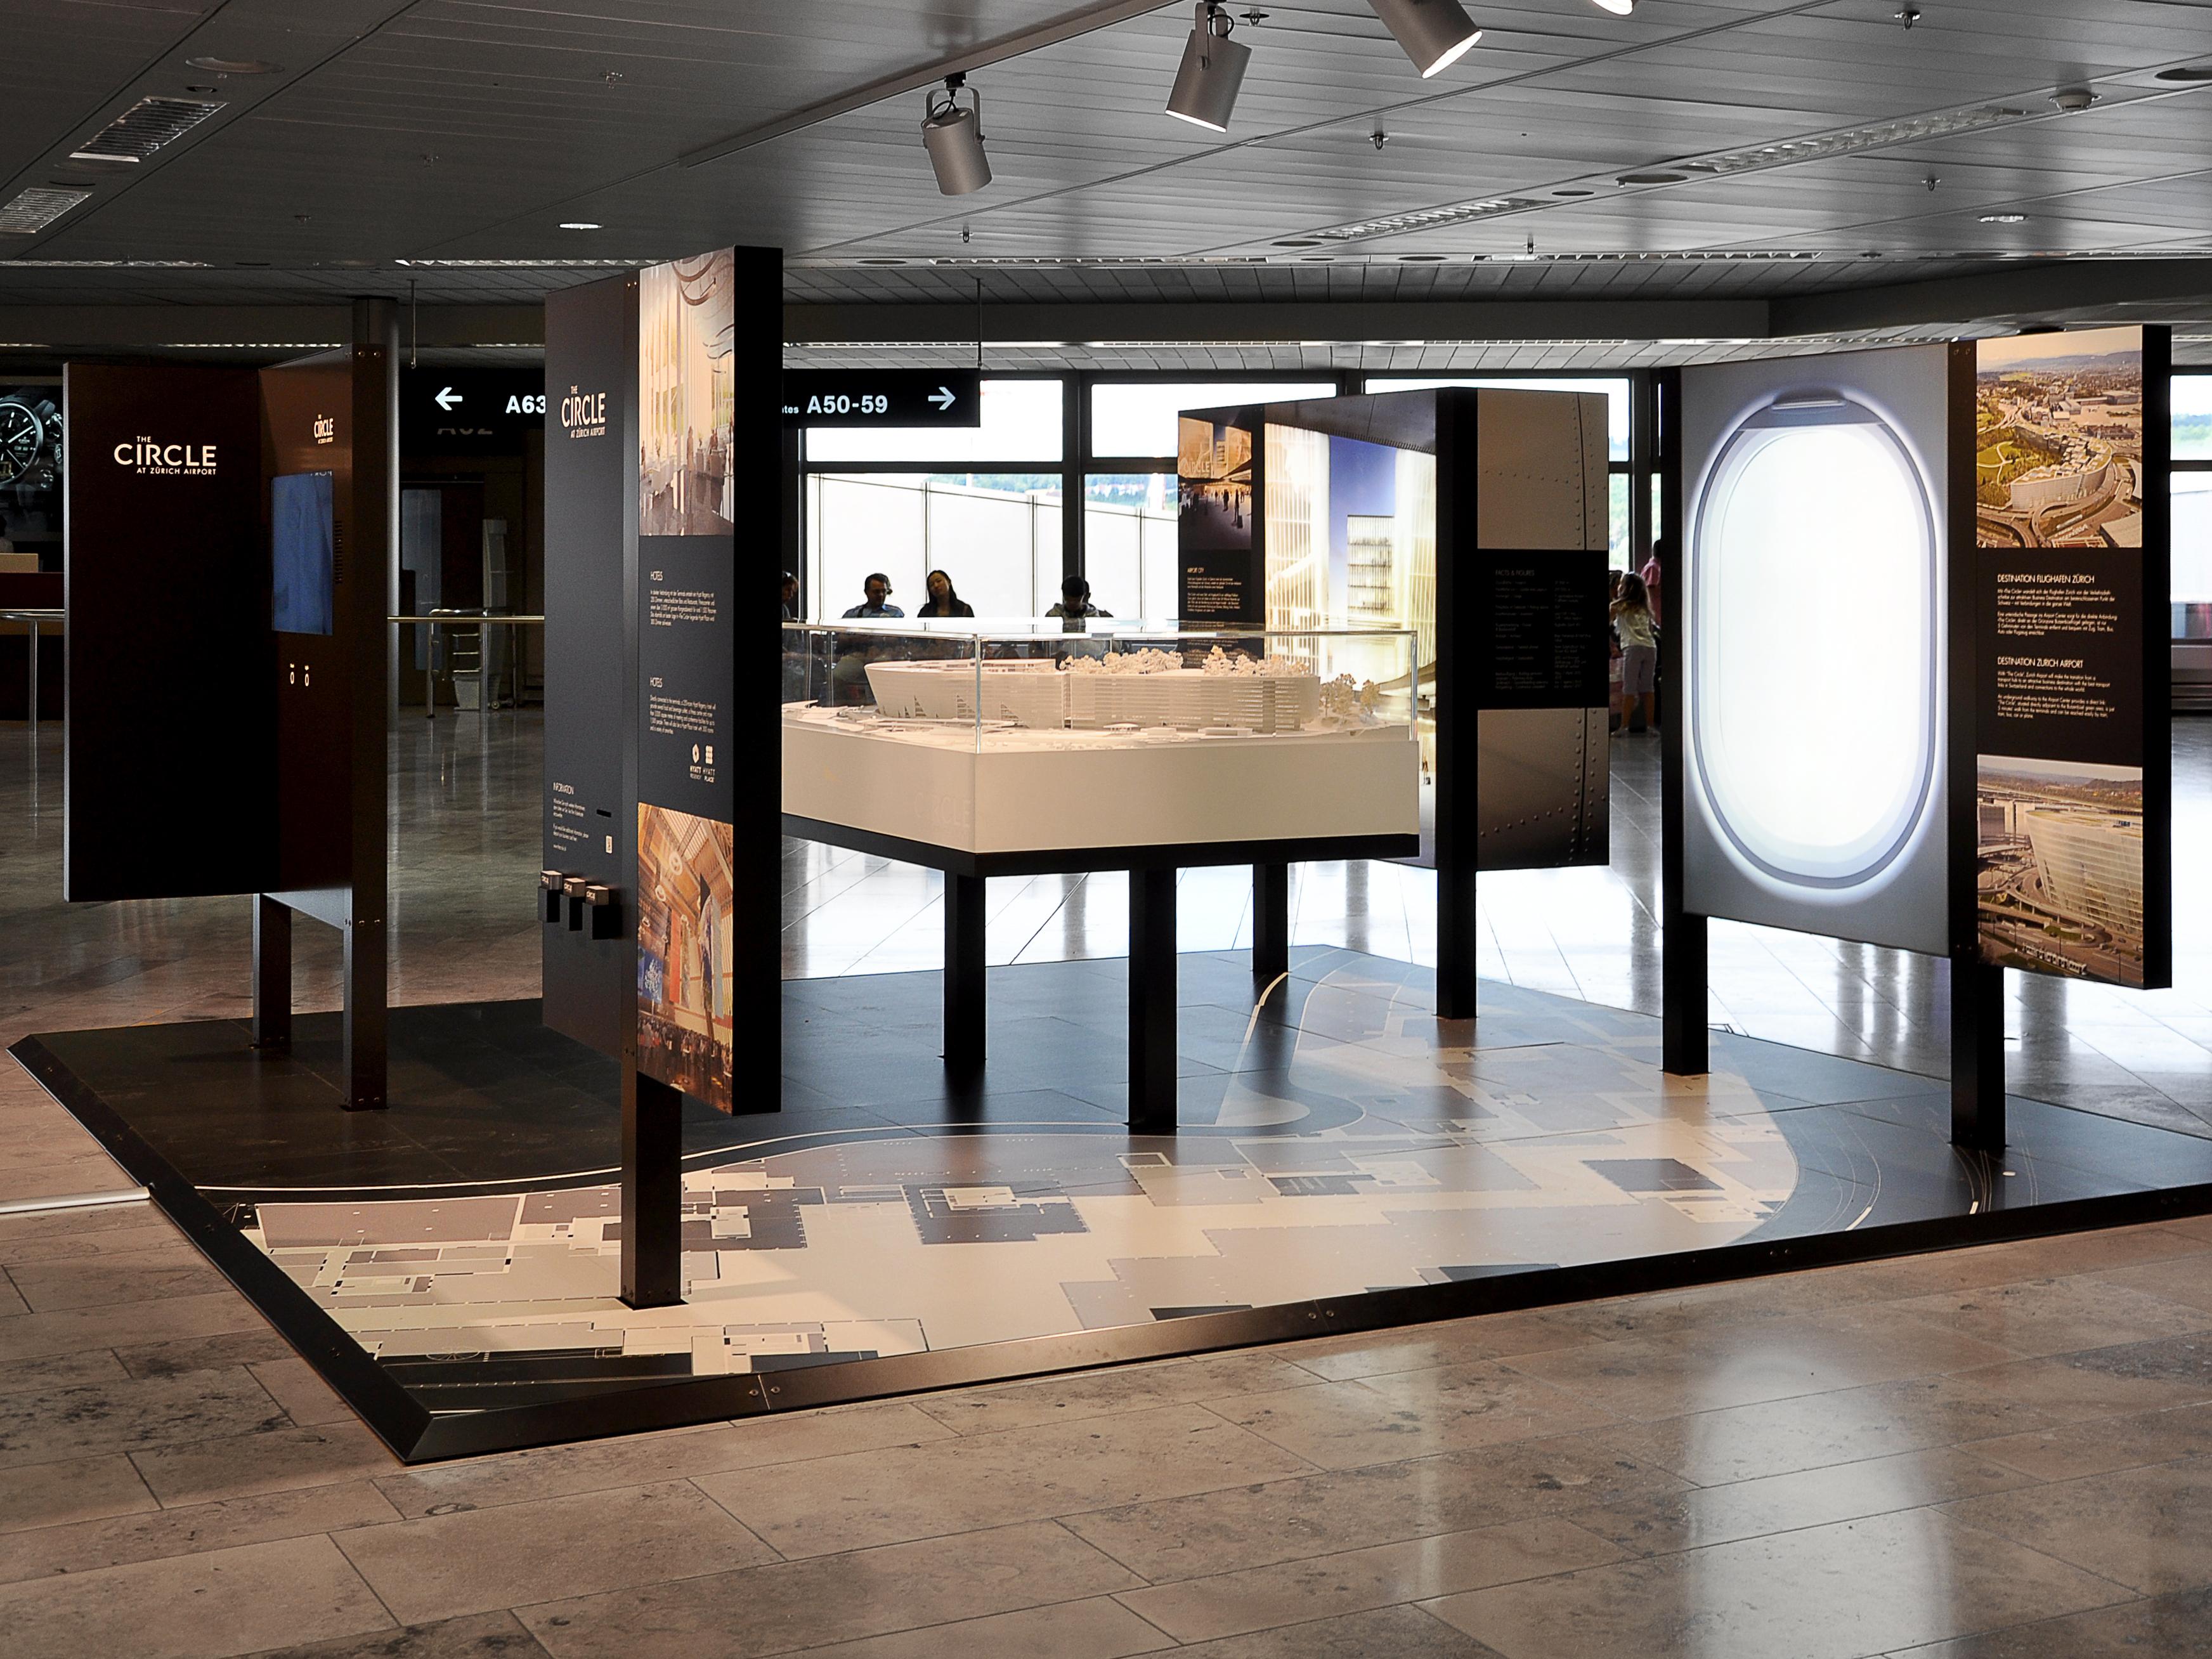 Flughafen Zürich The Circle Ausstellung